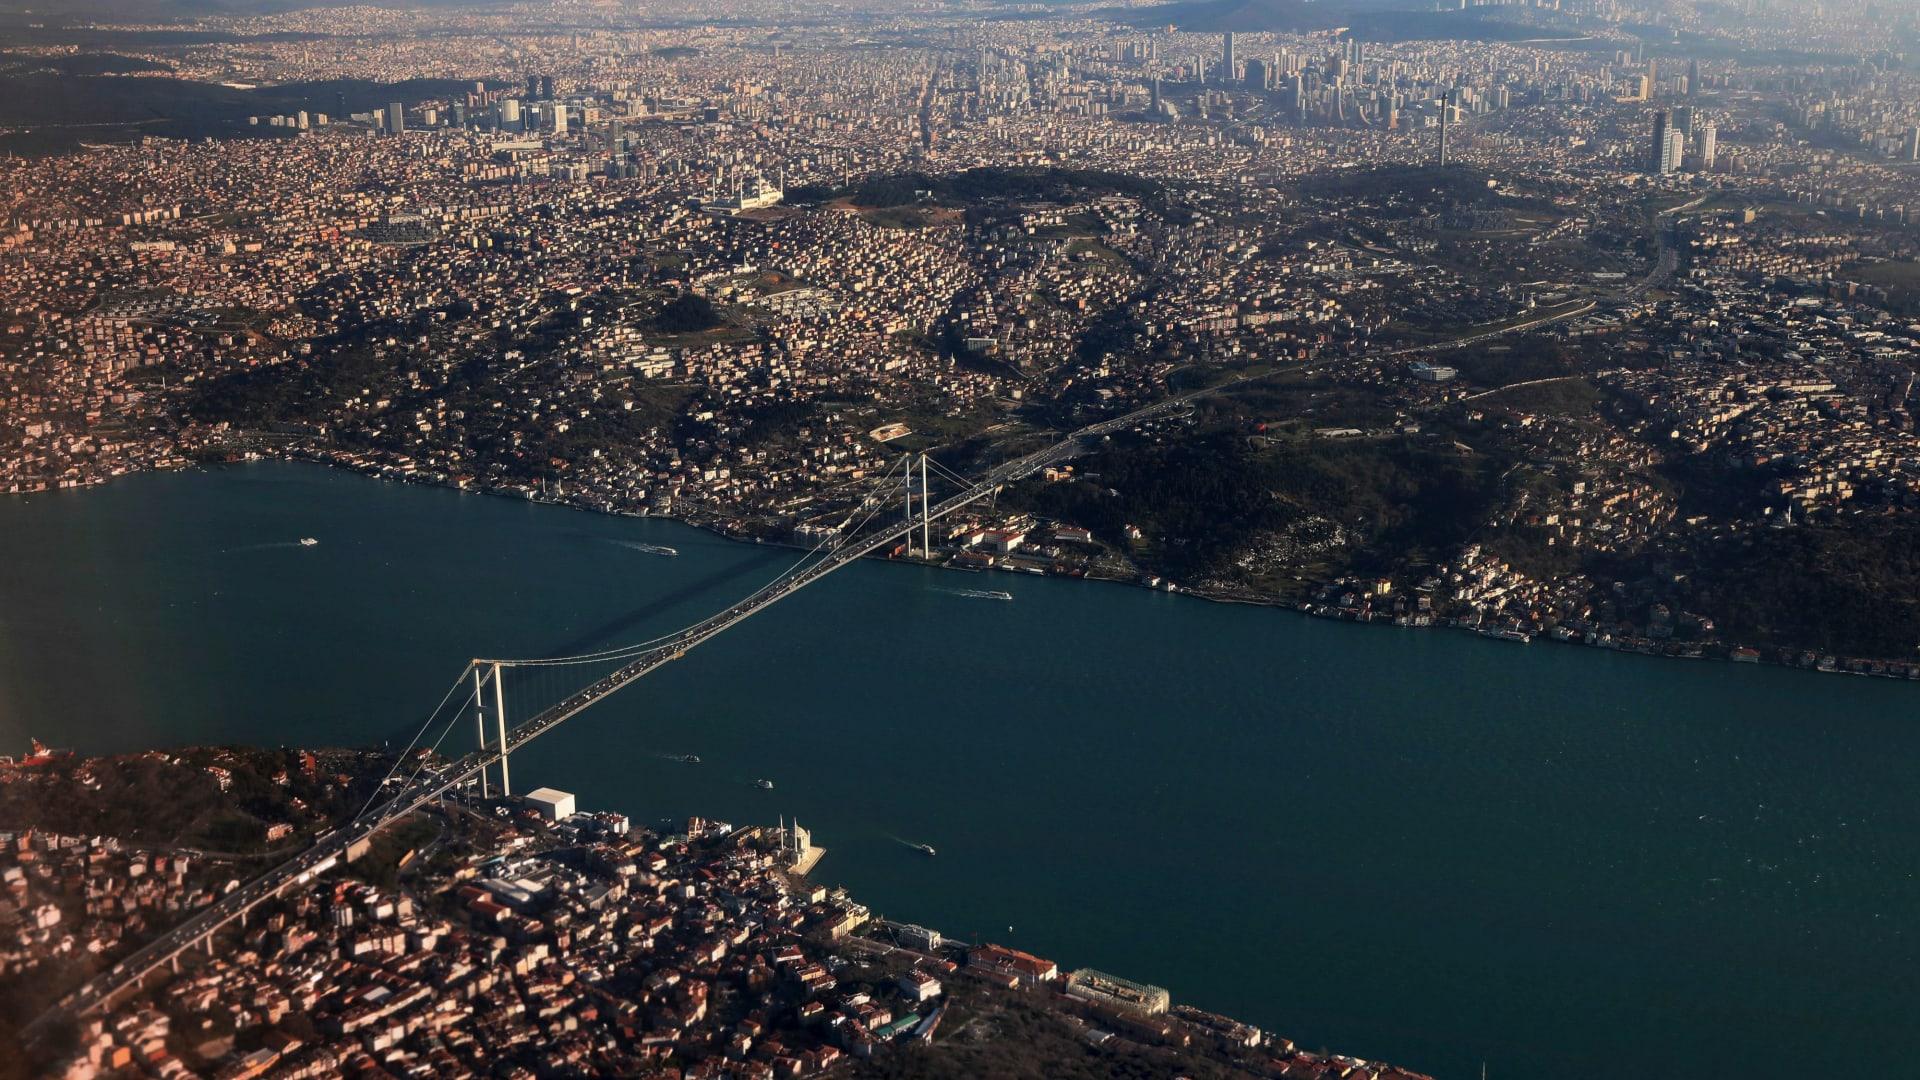 صورة أرشيفية عامة من مدينة اسطنبول التركية